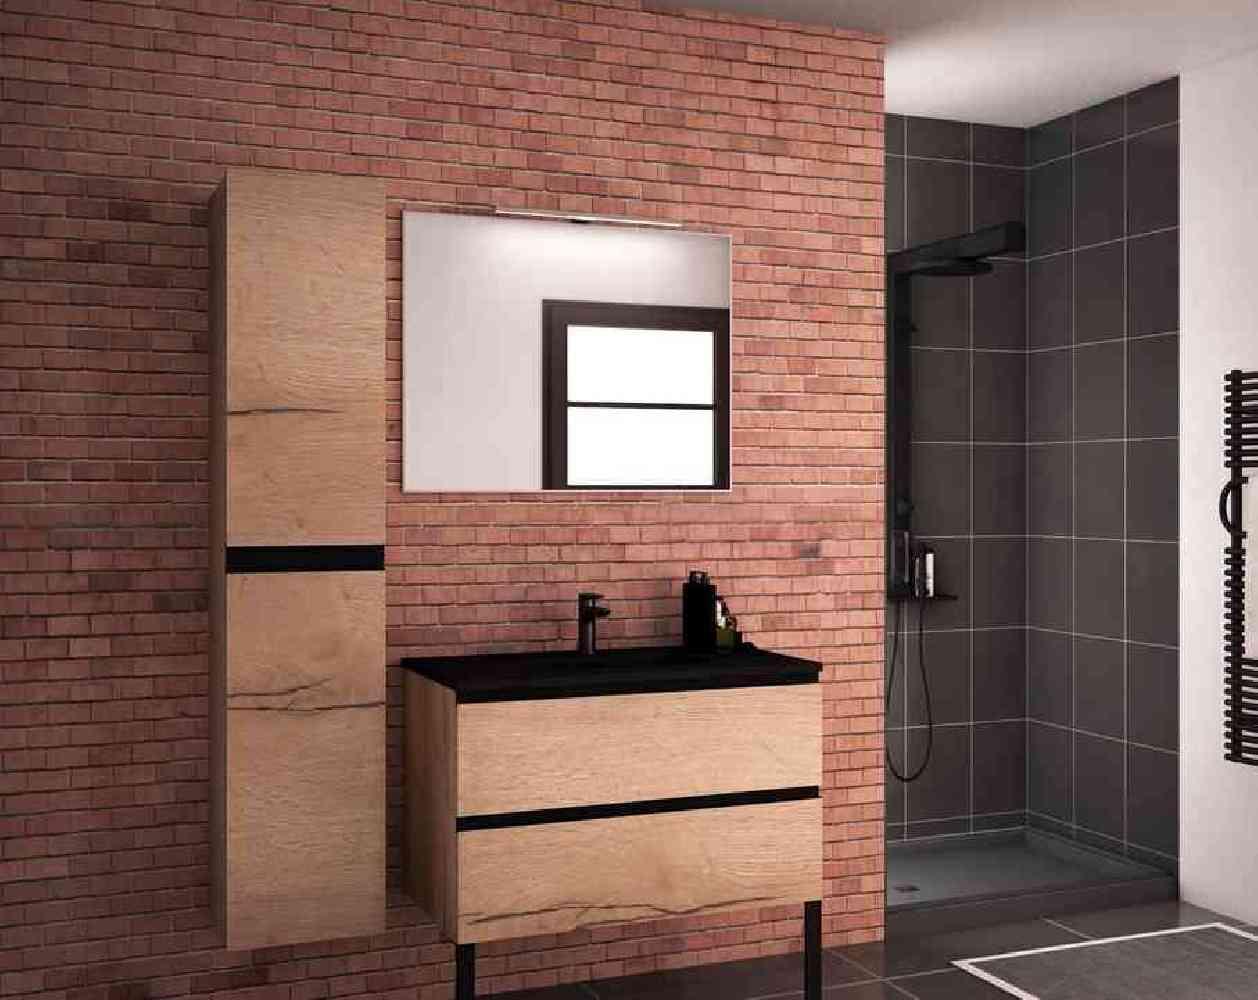 Meuble de salle de bains Allure concept 70 Discac Comptoir Carrelage